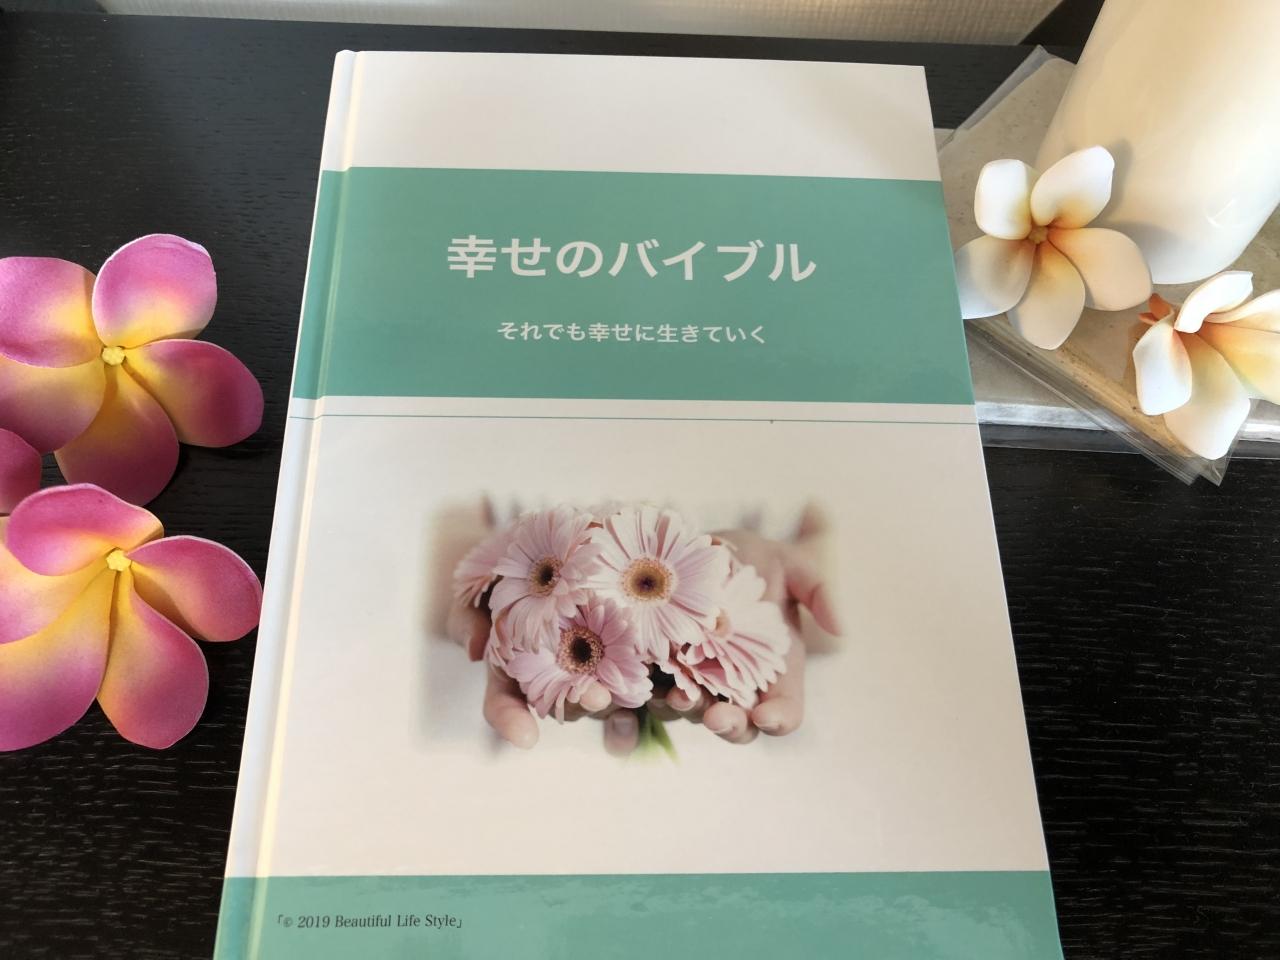 本が届きました〜♪